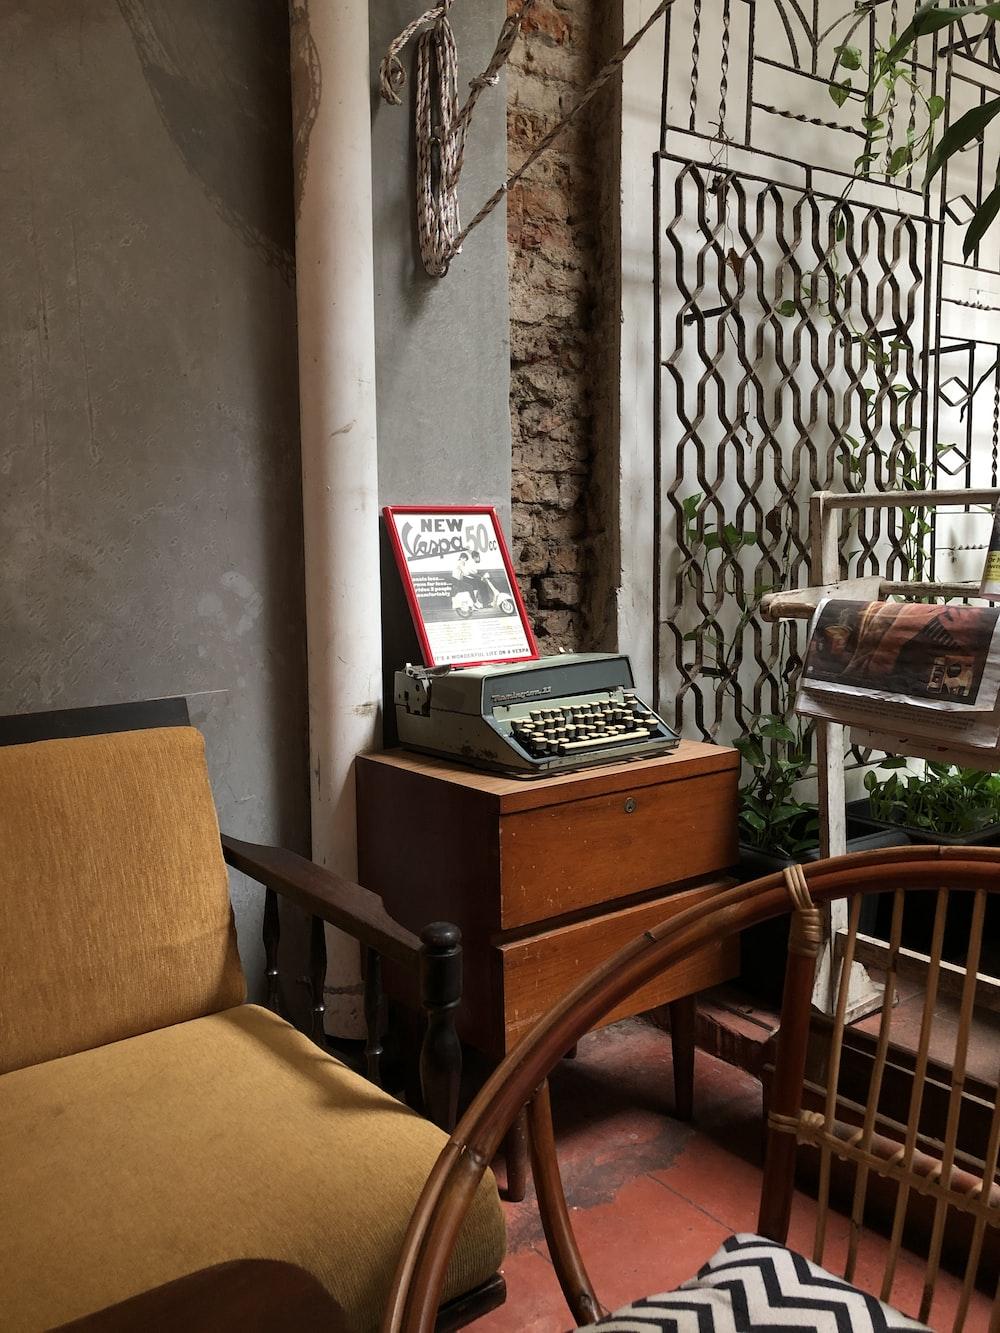 gray typewriter on table